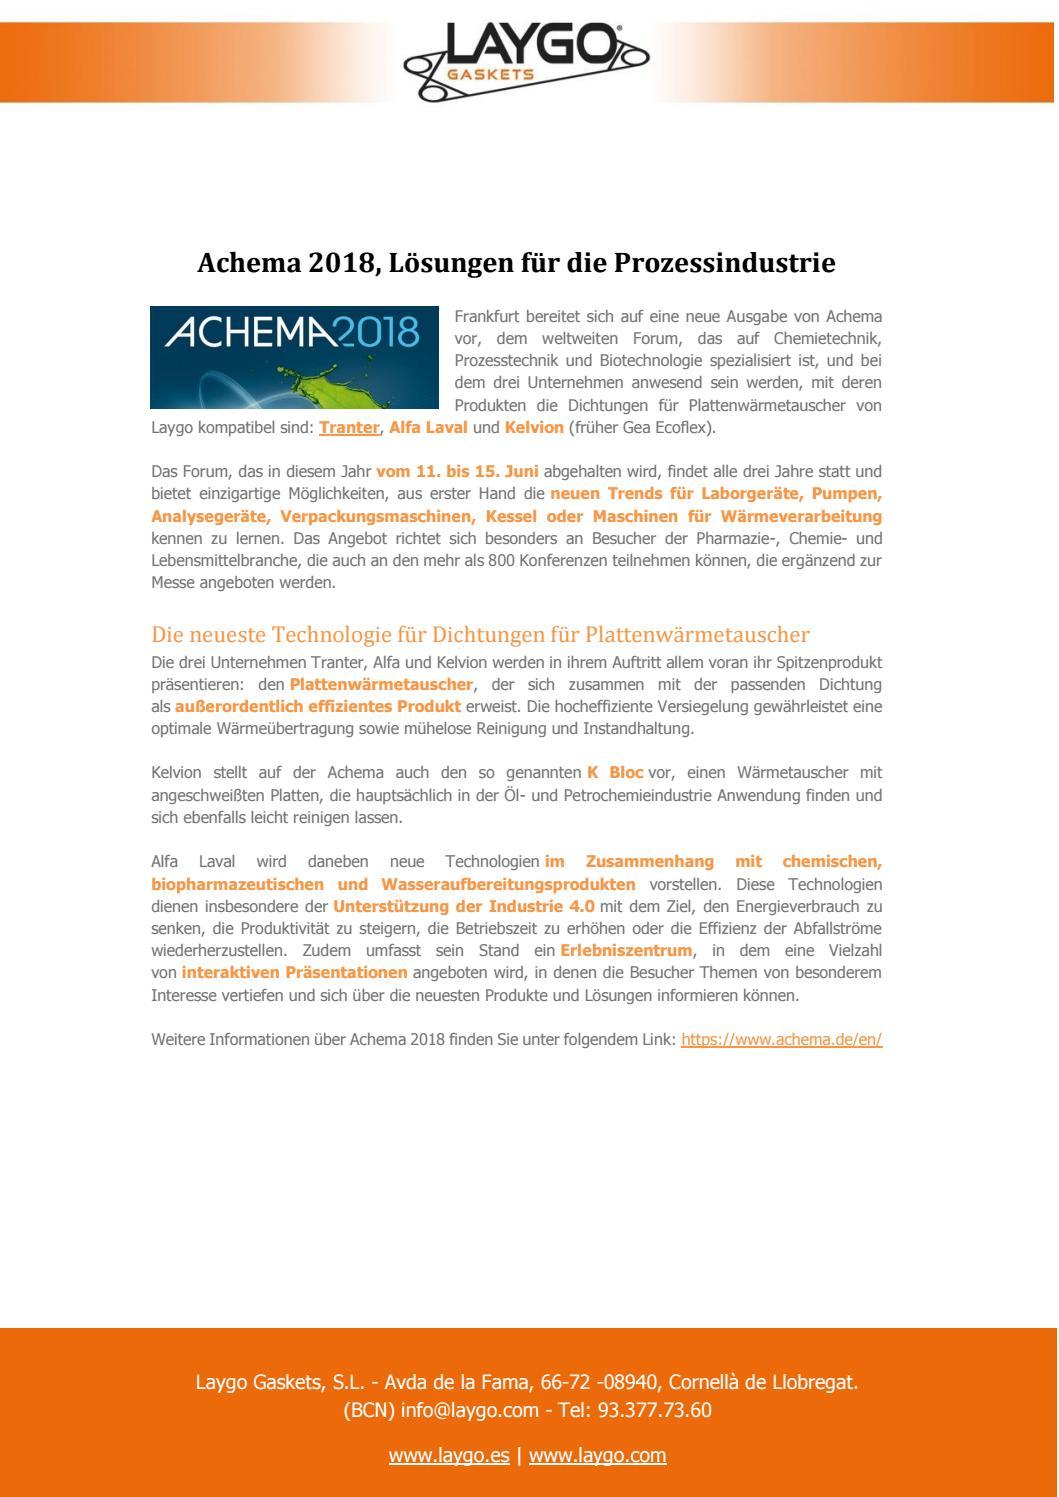 Achema 2018, Lösungen für die Prozessindustrie by Laygo Gaskets - issuu